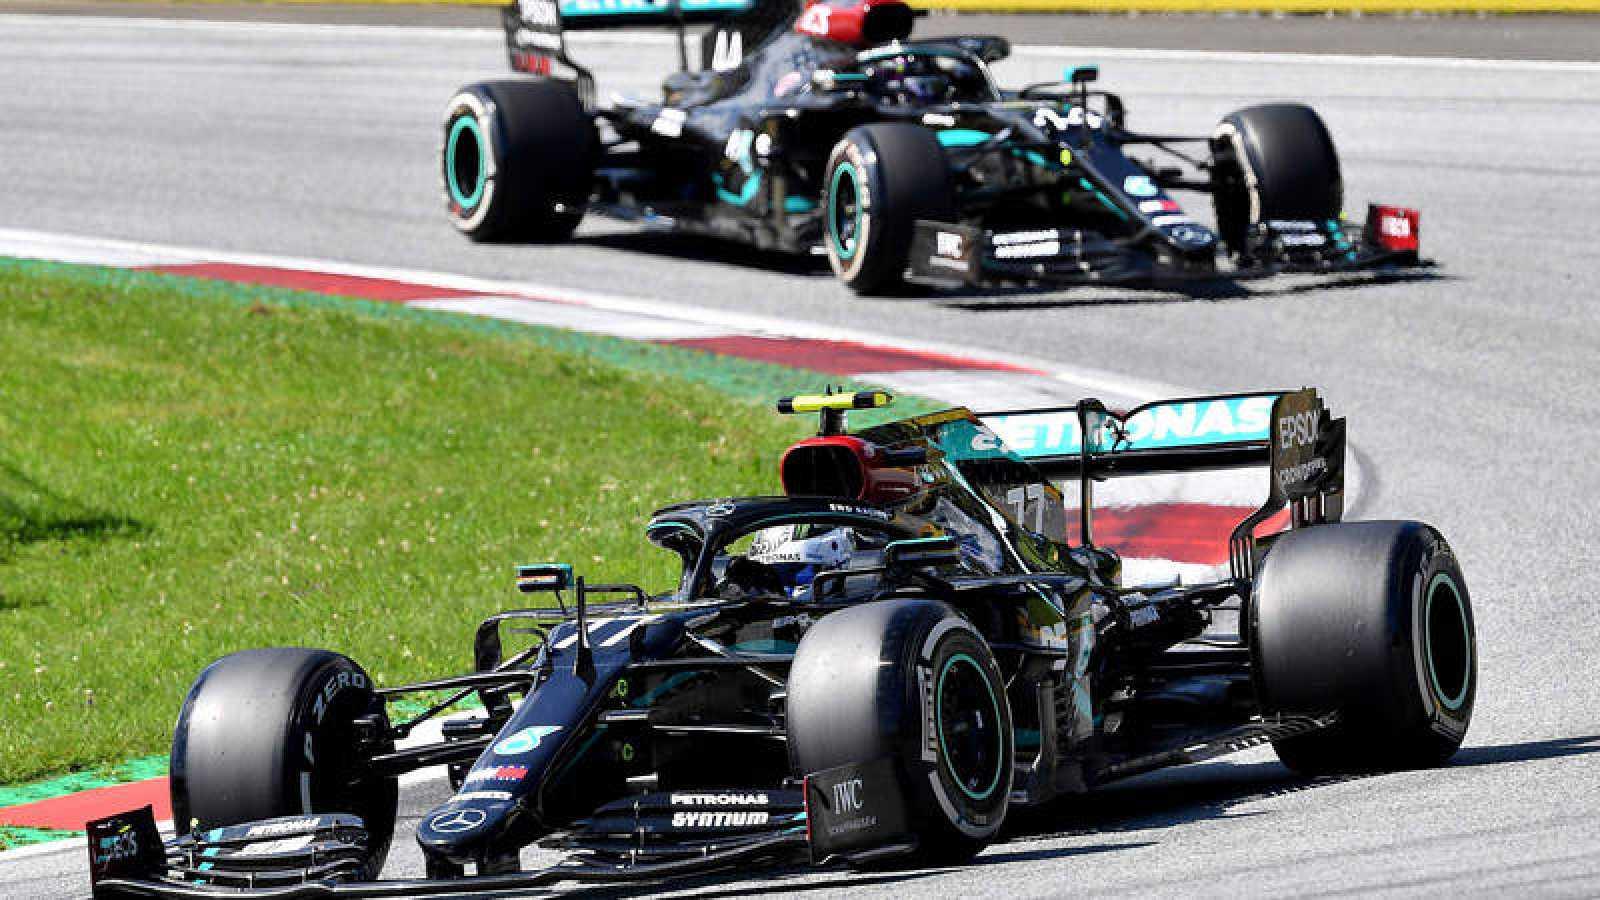 Imagen del finaldés Valteri Bottas seguido de su compañero de equipo en Mercedes Lewis Hamilton.